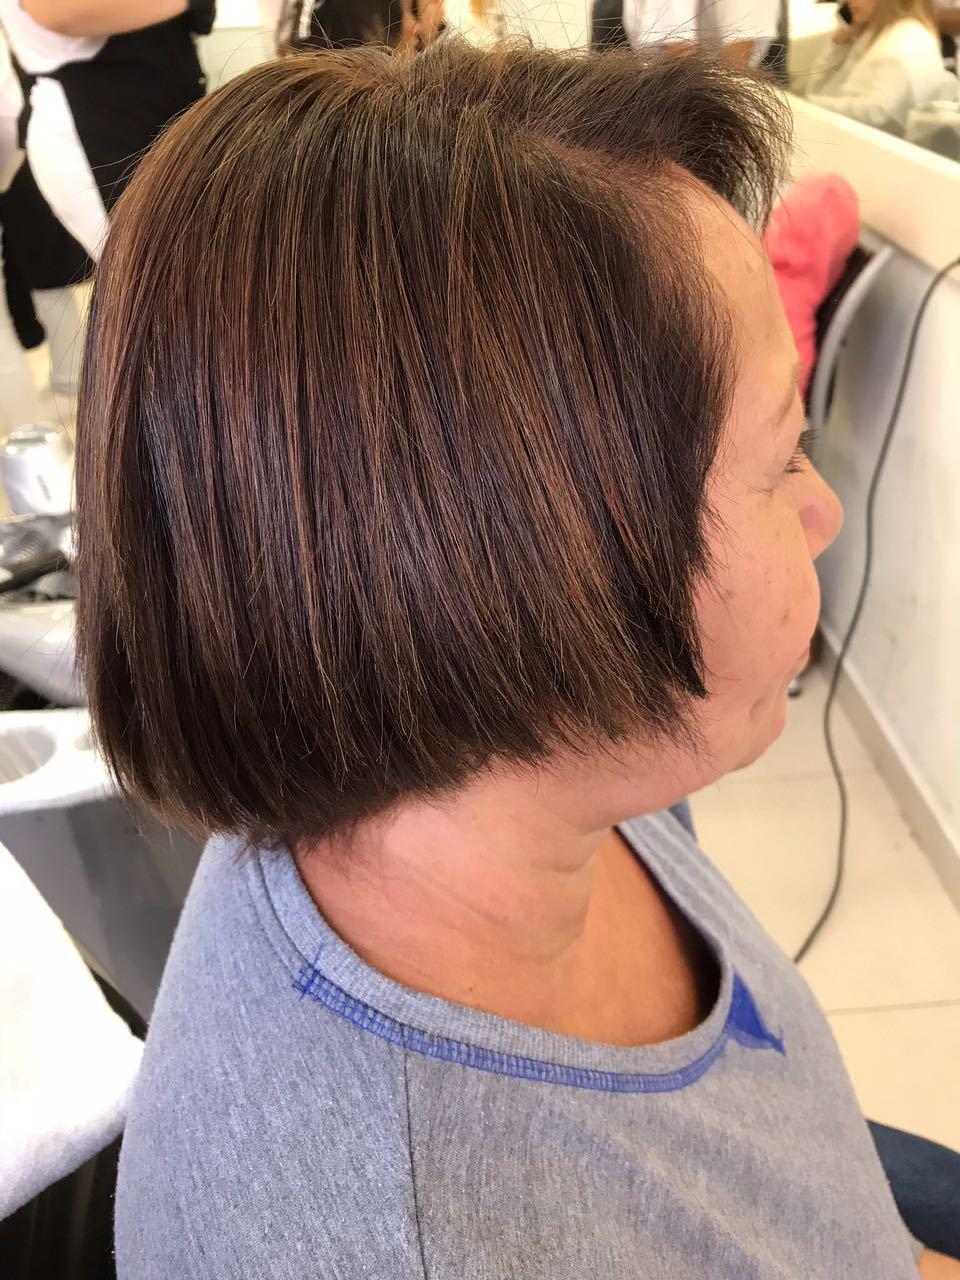 Mechas tom sobre tom. #lorealpro #mechas #tomsobretom cabelo estudante (cabeleireiro) auxiliar cabeleireiro(a) cabeleireiro(a)